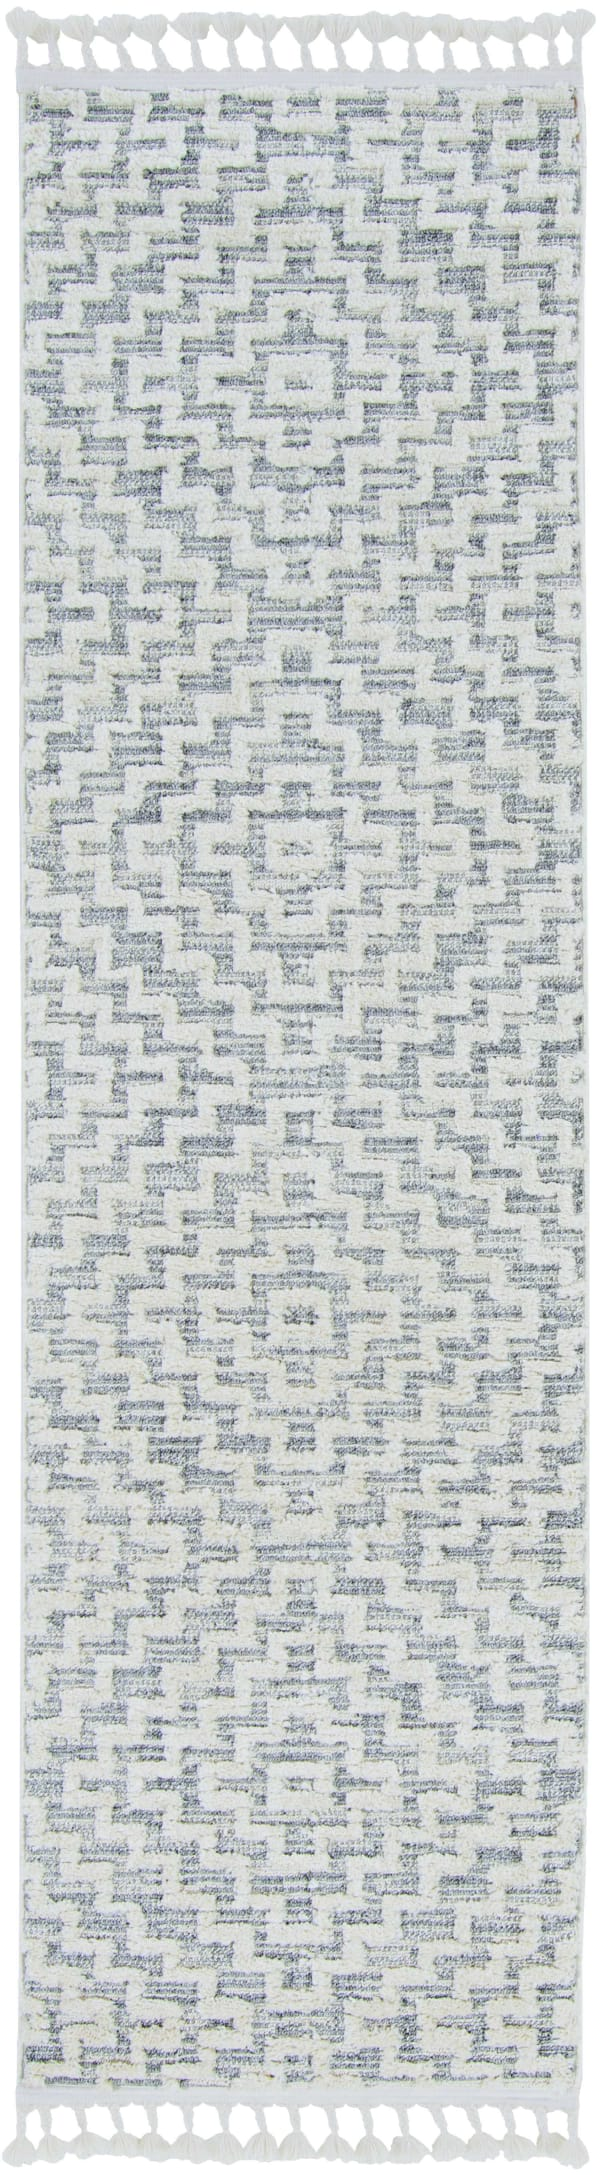 3' x 5' Ivory Grey Zigzag Diamonds Area Rug with Fringe